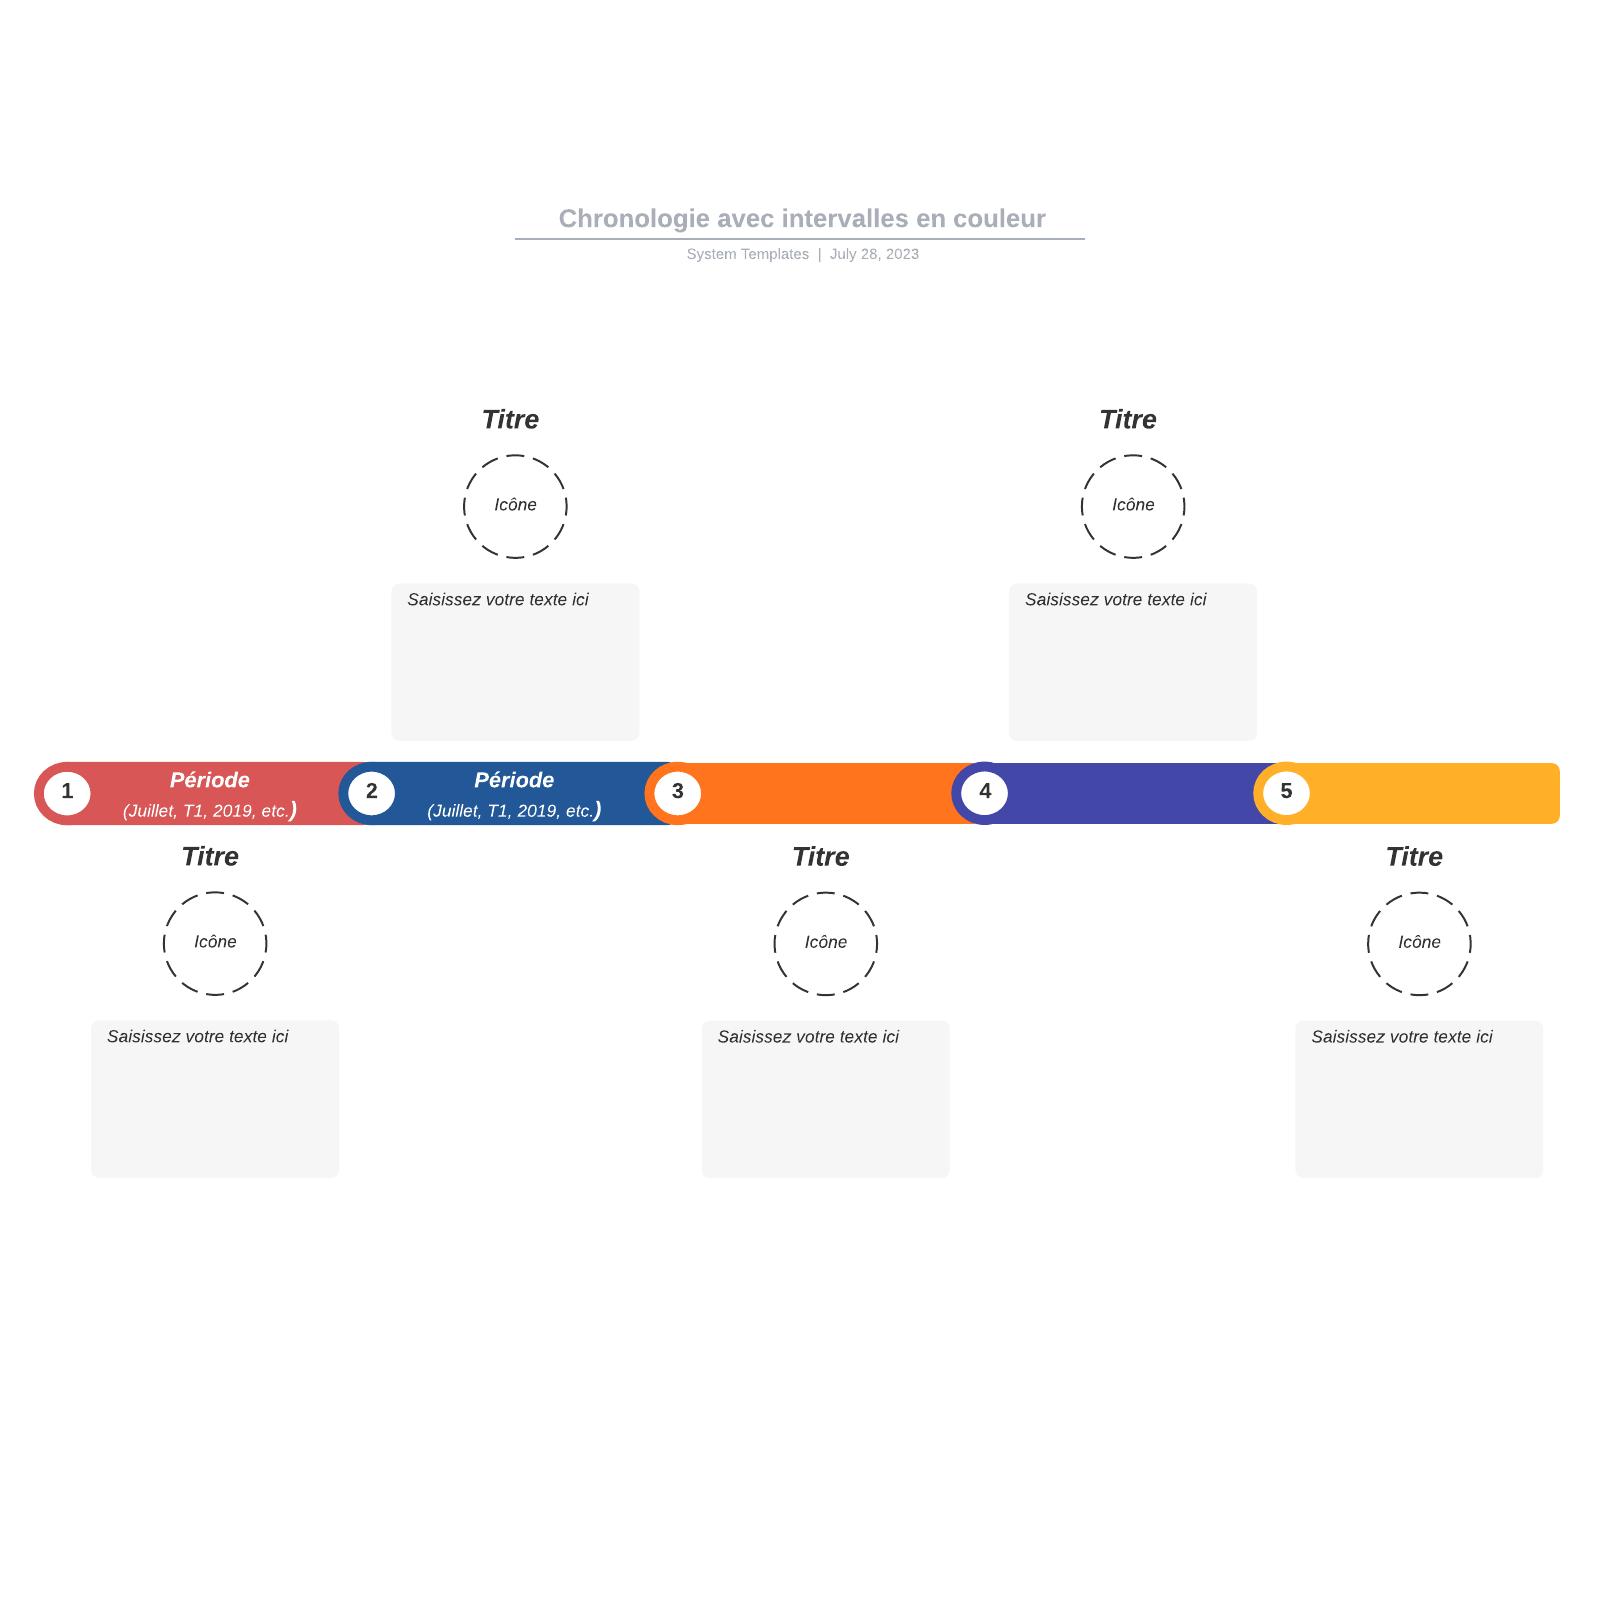 exemple de chronologie avec intervalles en couleur